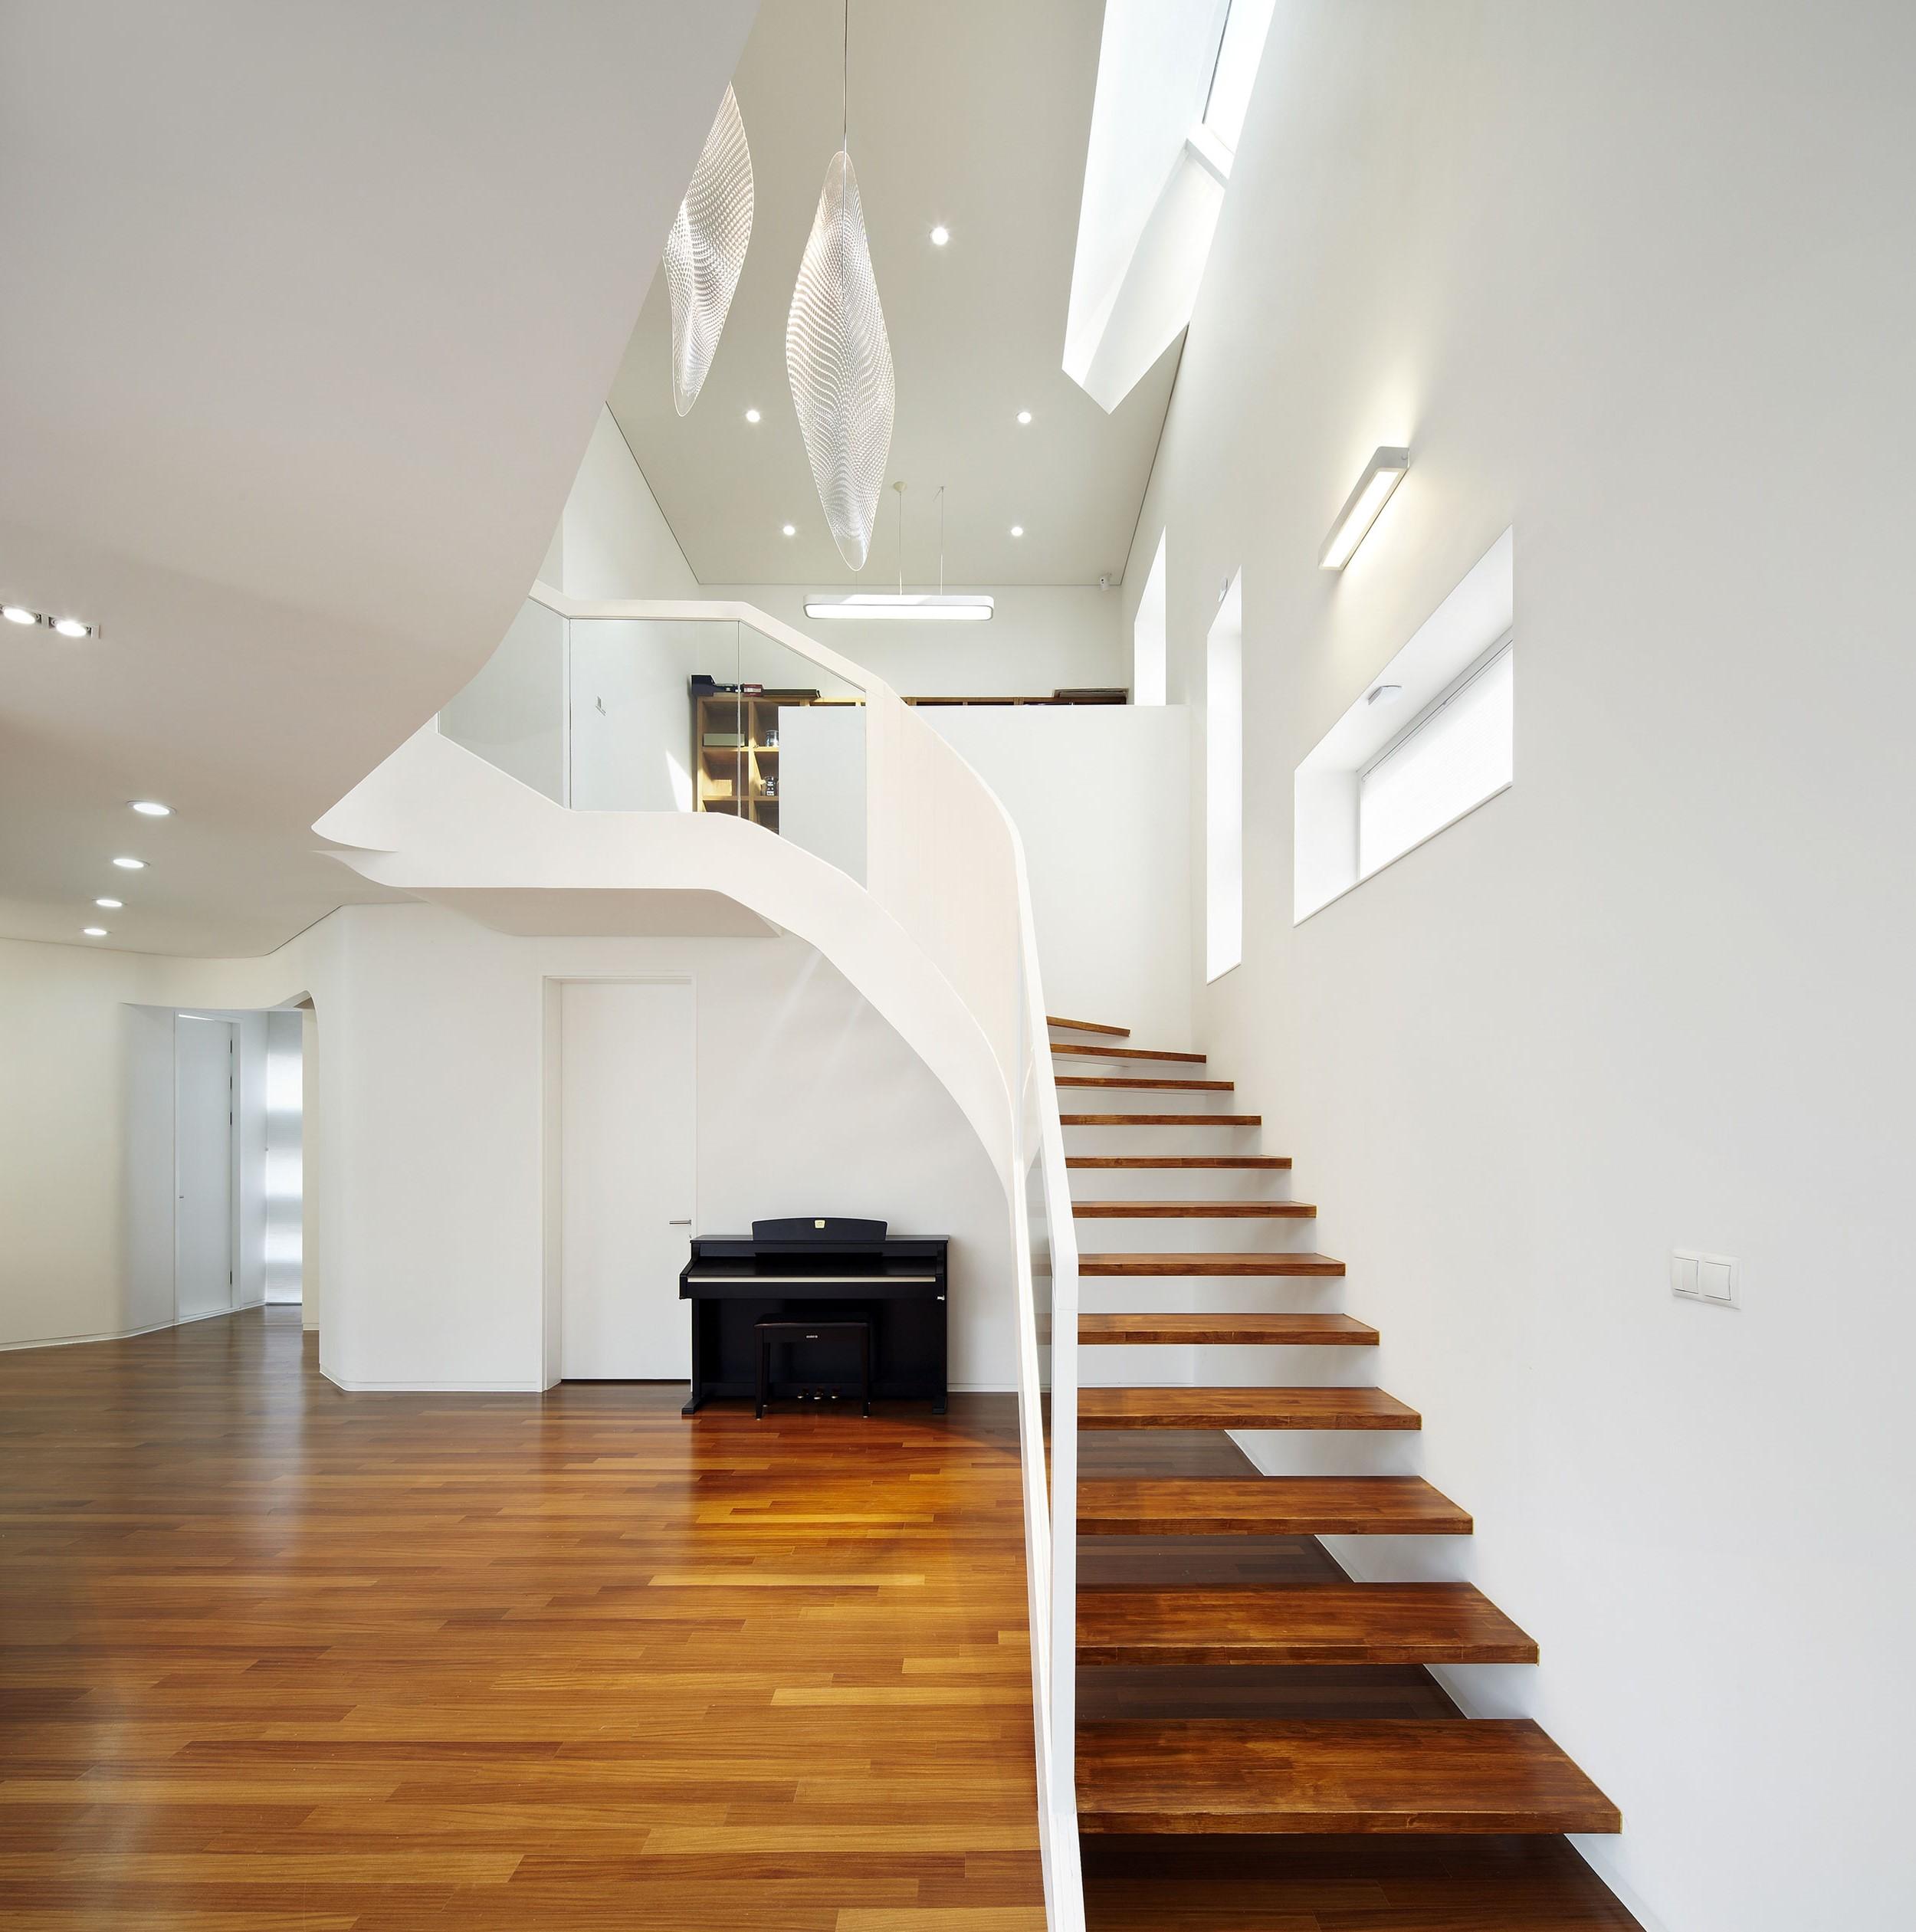 Les escaliers ont tendance à correspondre au reste de la maison.